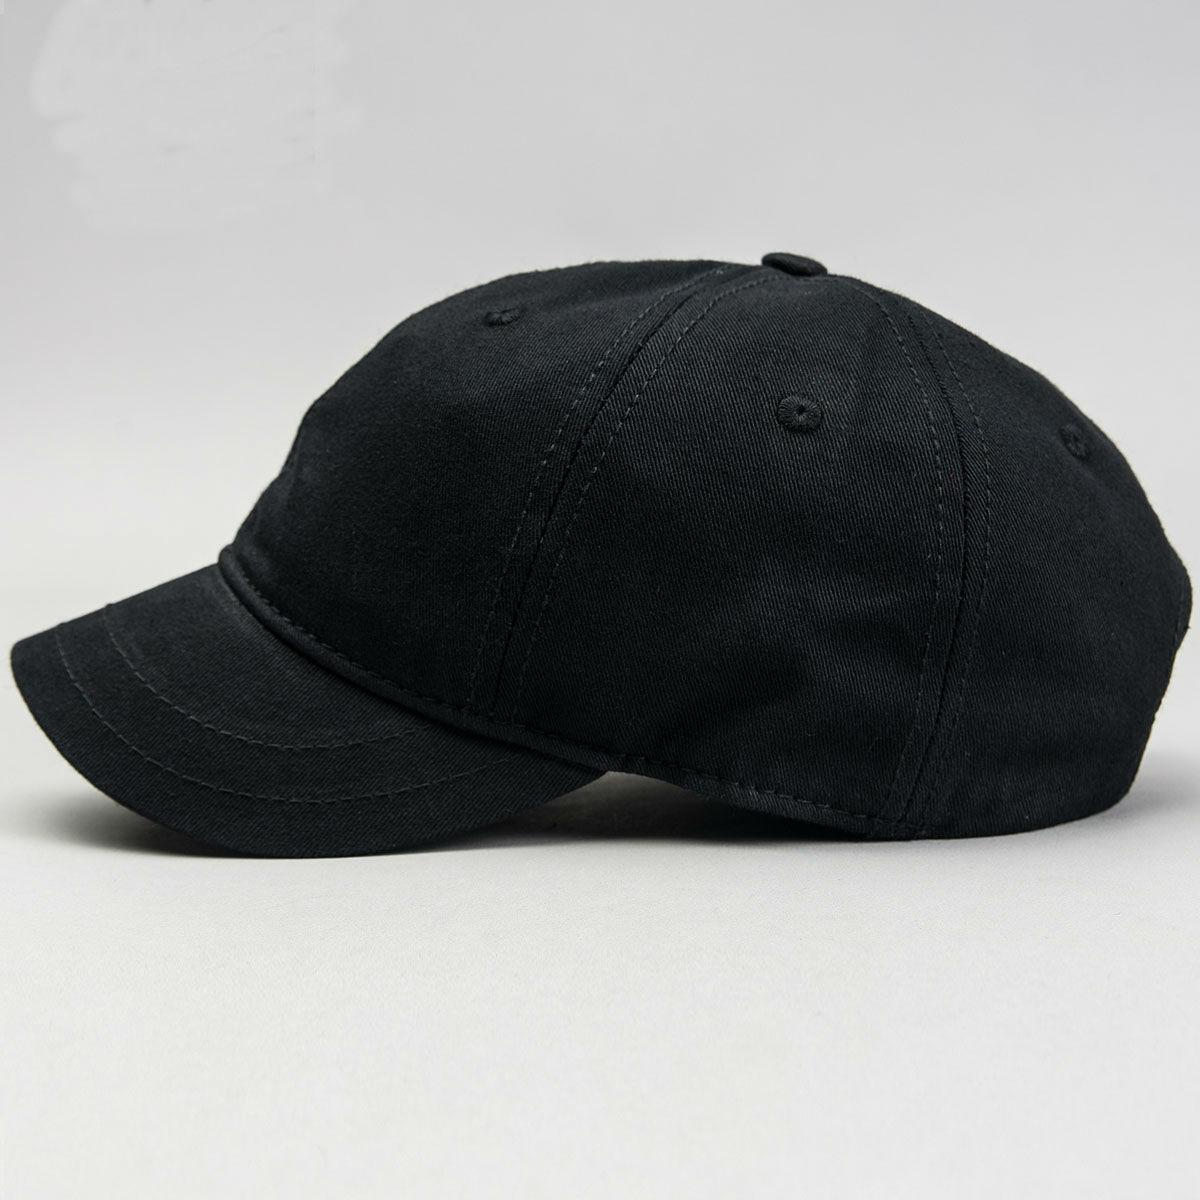 Beckyruiwu 2018 Top Qualität Großen Kopf Mann Hut Männlichen - Bekleidungszubehör - Foto 3